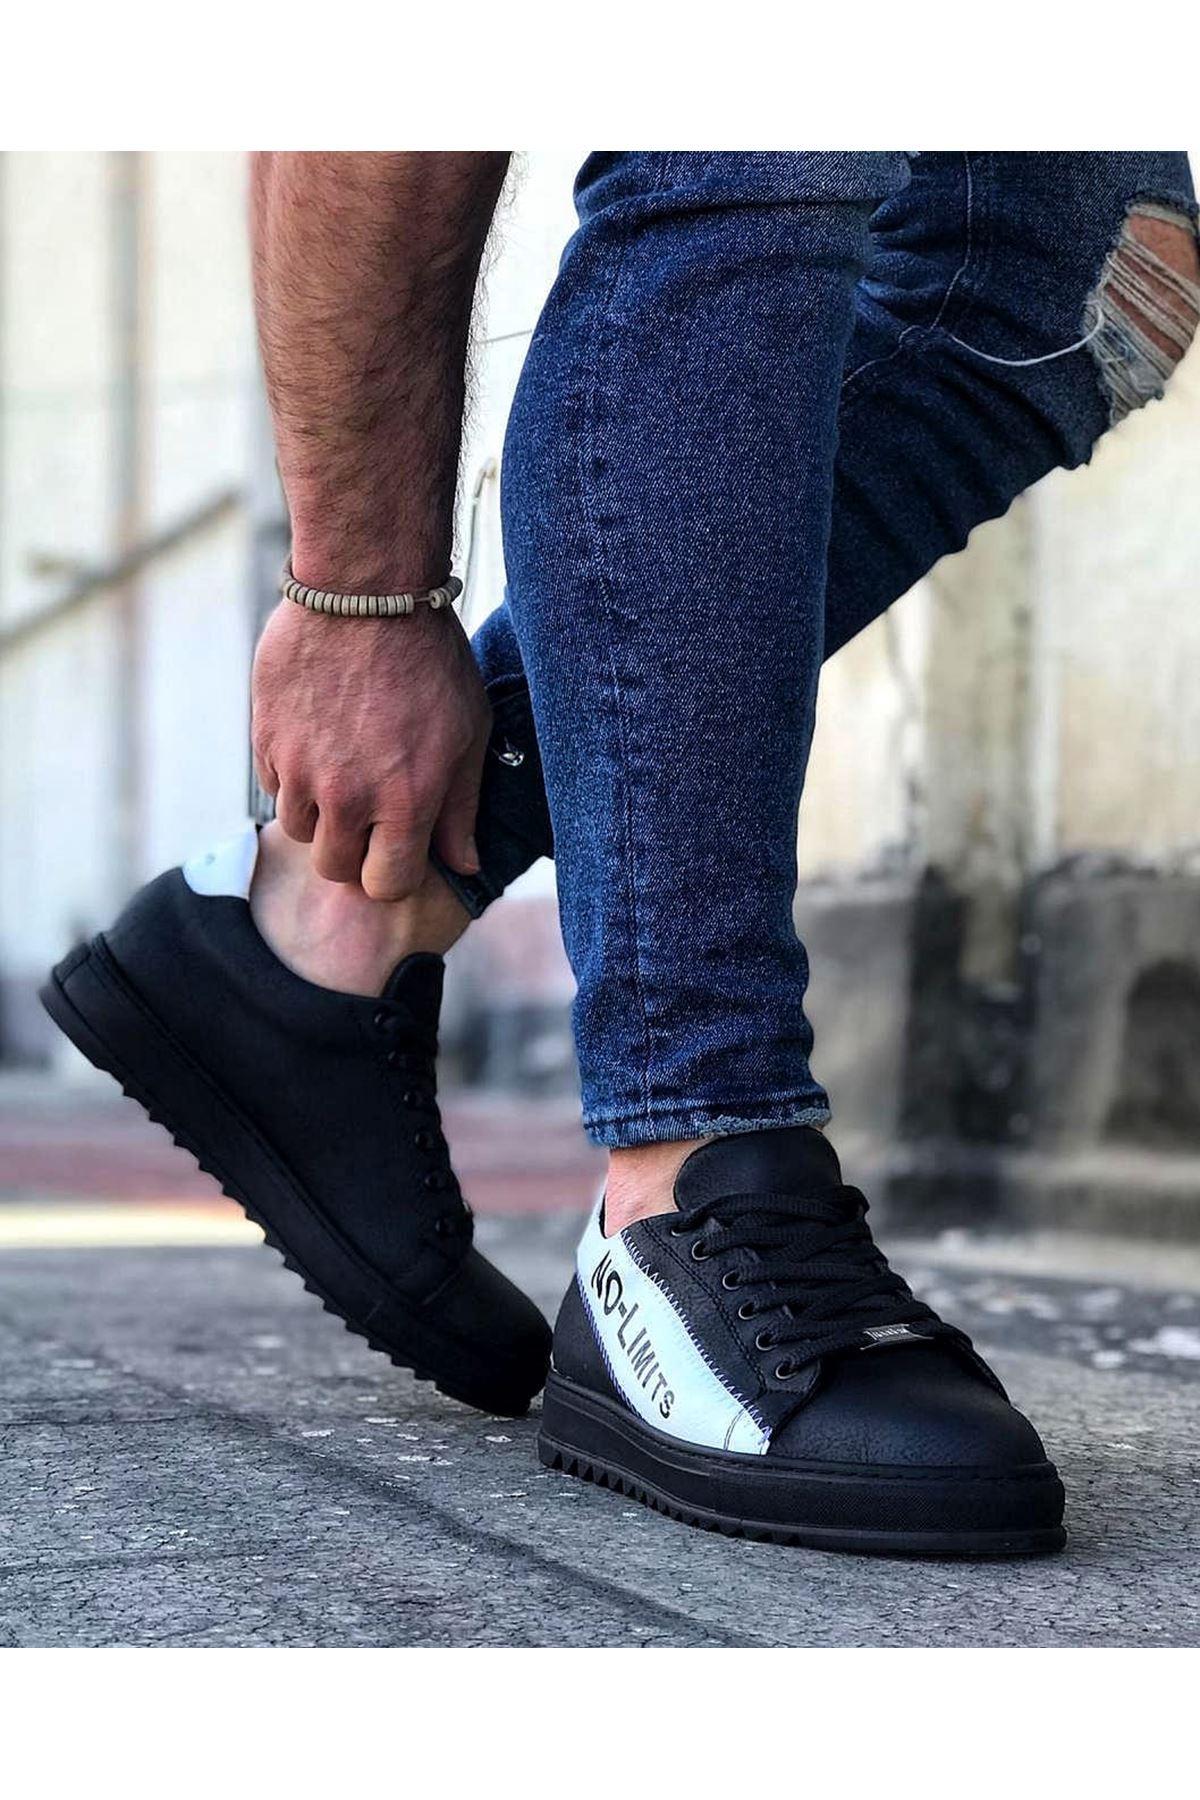 Wagoon WG027 Kömür Beyaz No Limit Erkek Casual Ayakkabı